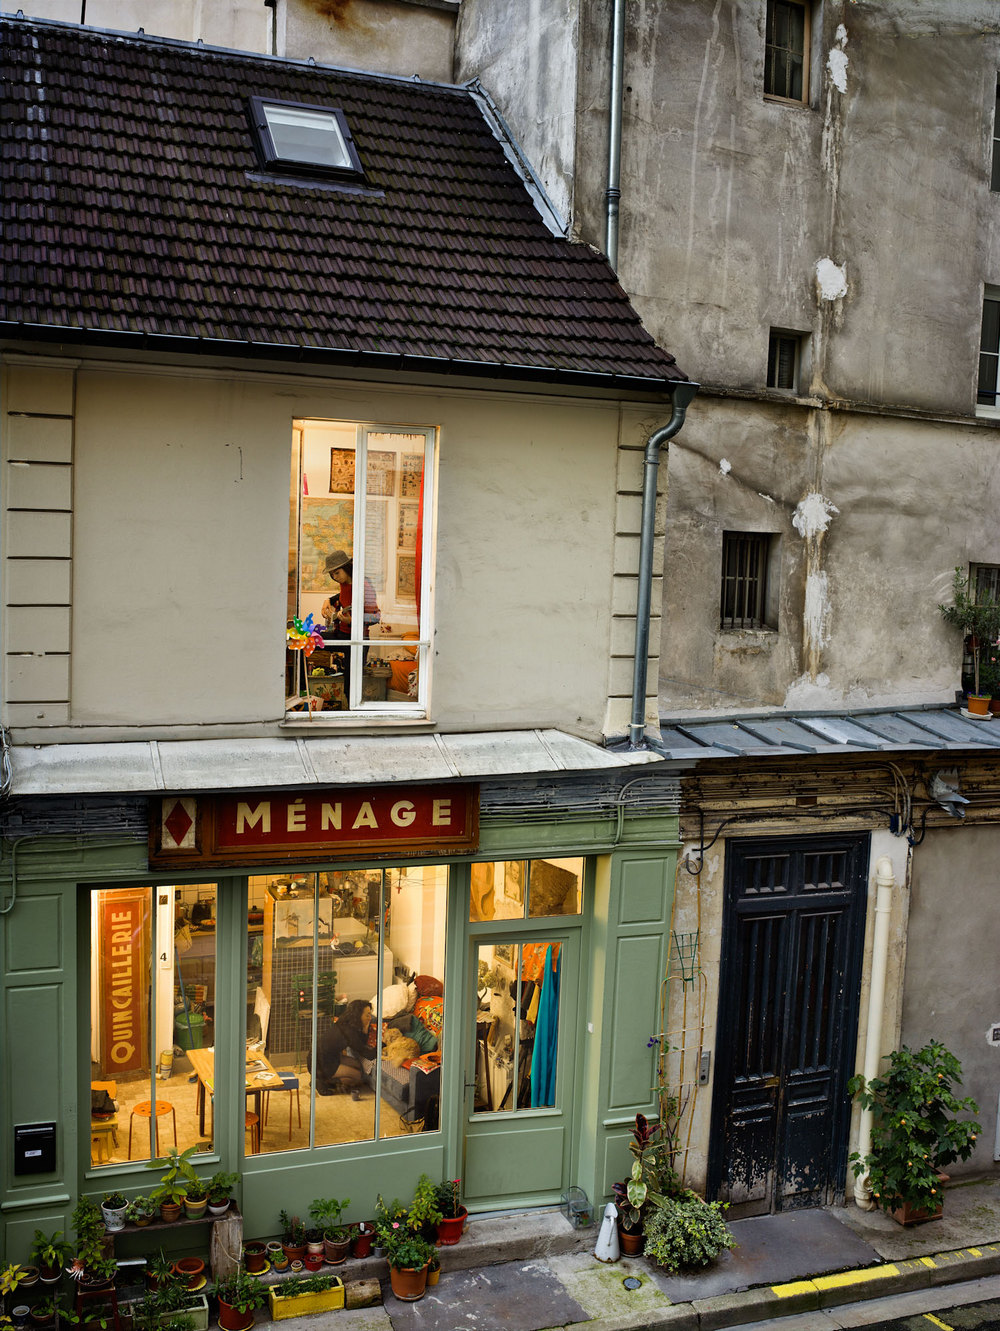 «Из моего окна»: фотограф Гейл Алберт-Халабан заглянула в окна жителей Парижа и Нью-Йорка (28 фото)